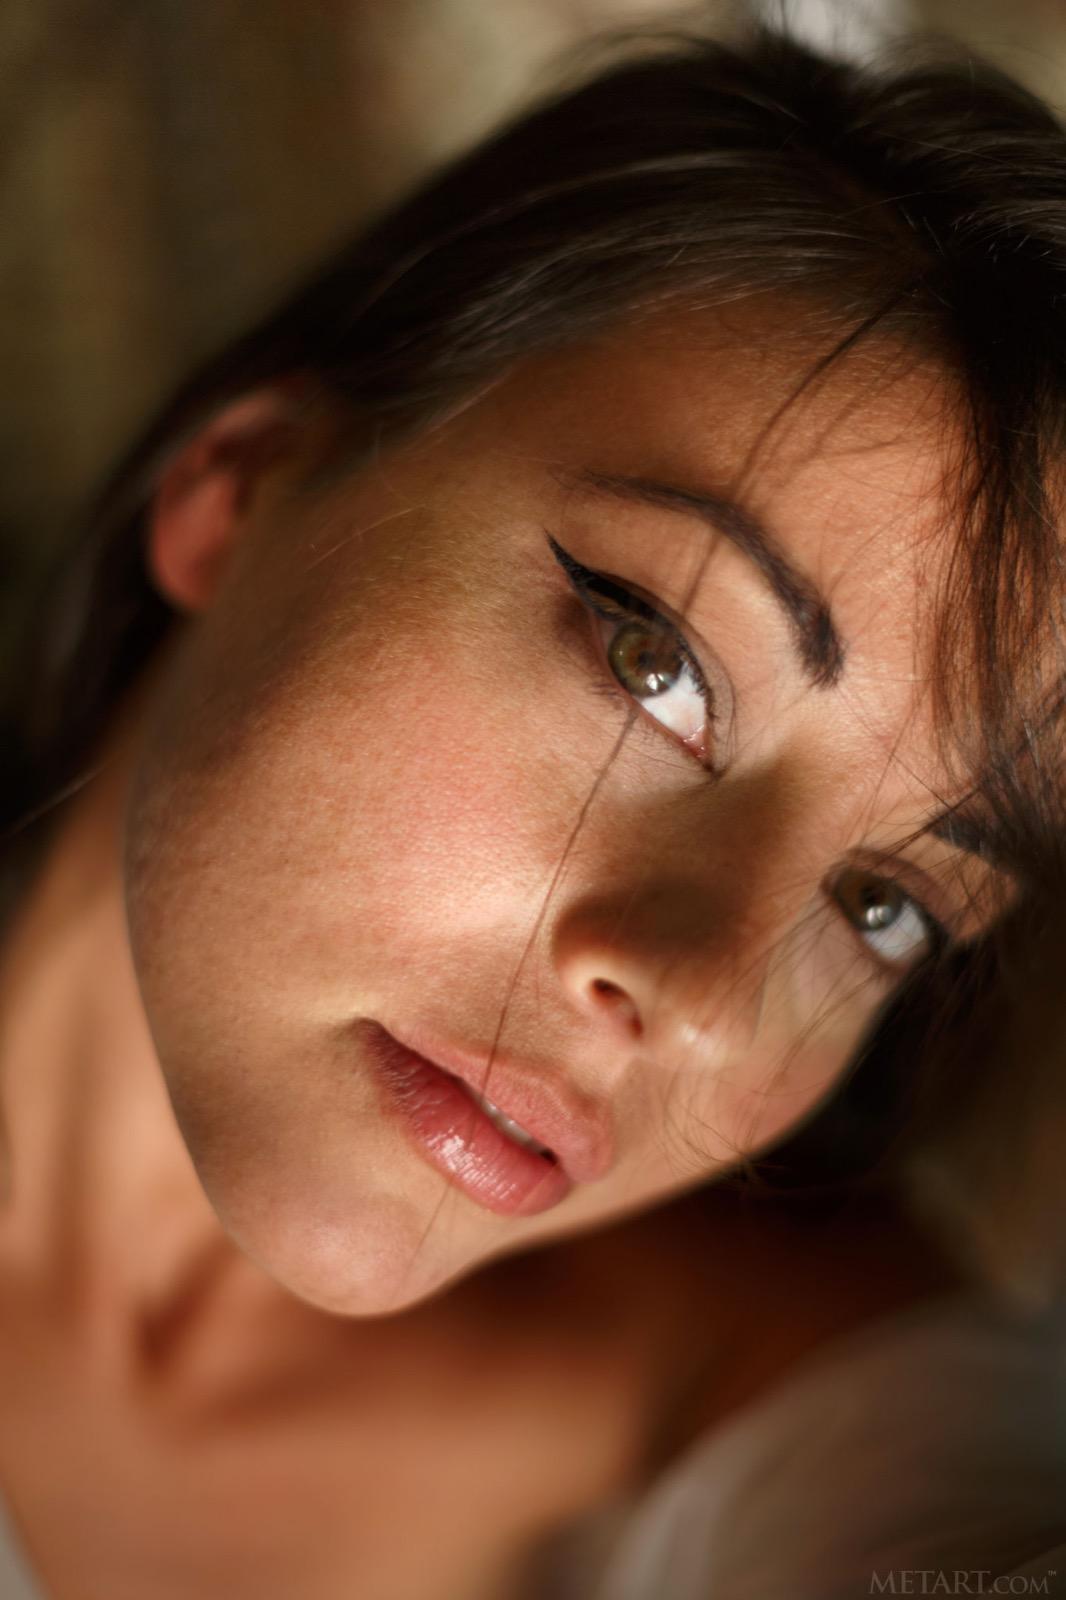 lorena_b_32_37755_2.jpg